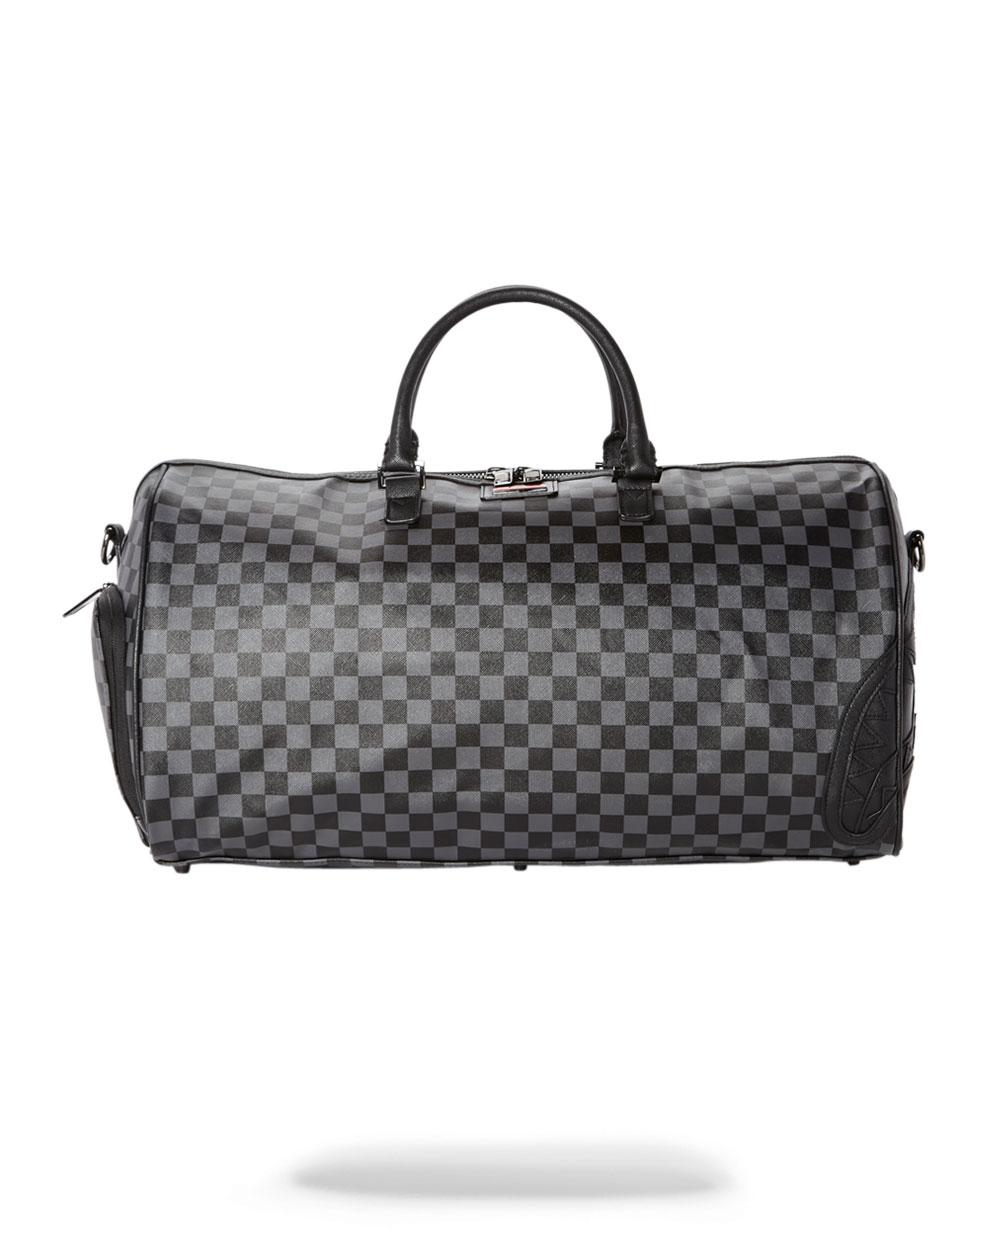 Sprayground Henny Reisetasche Black Checkered